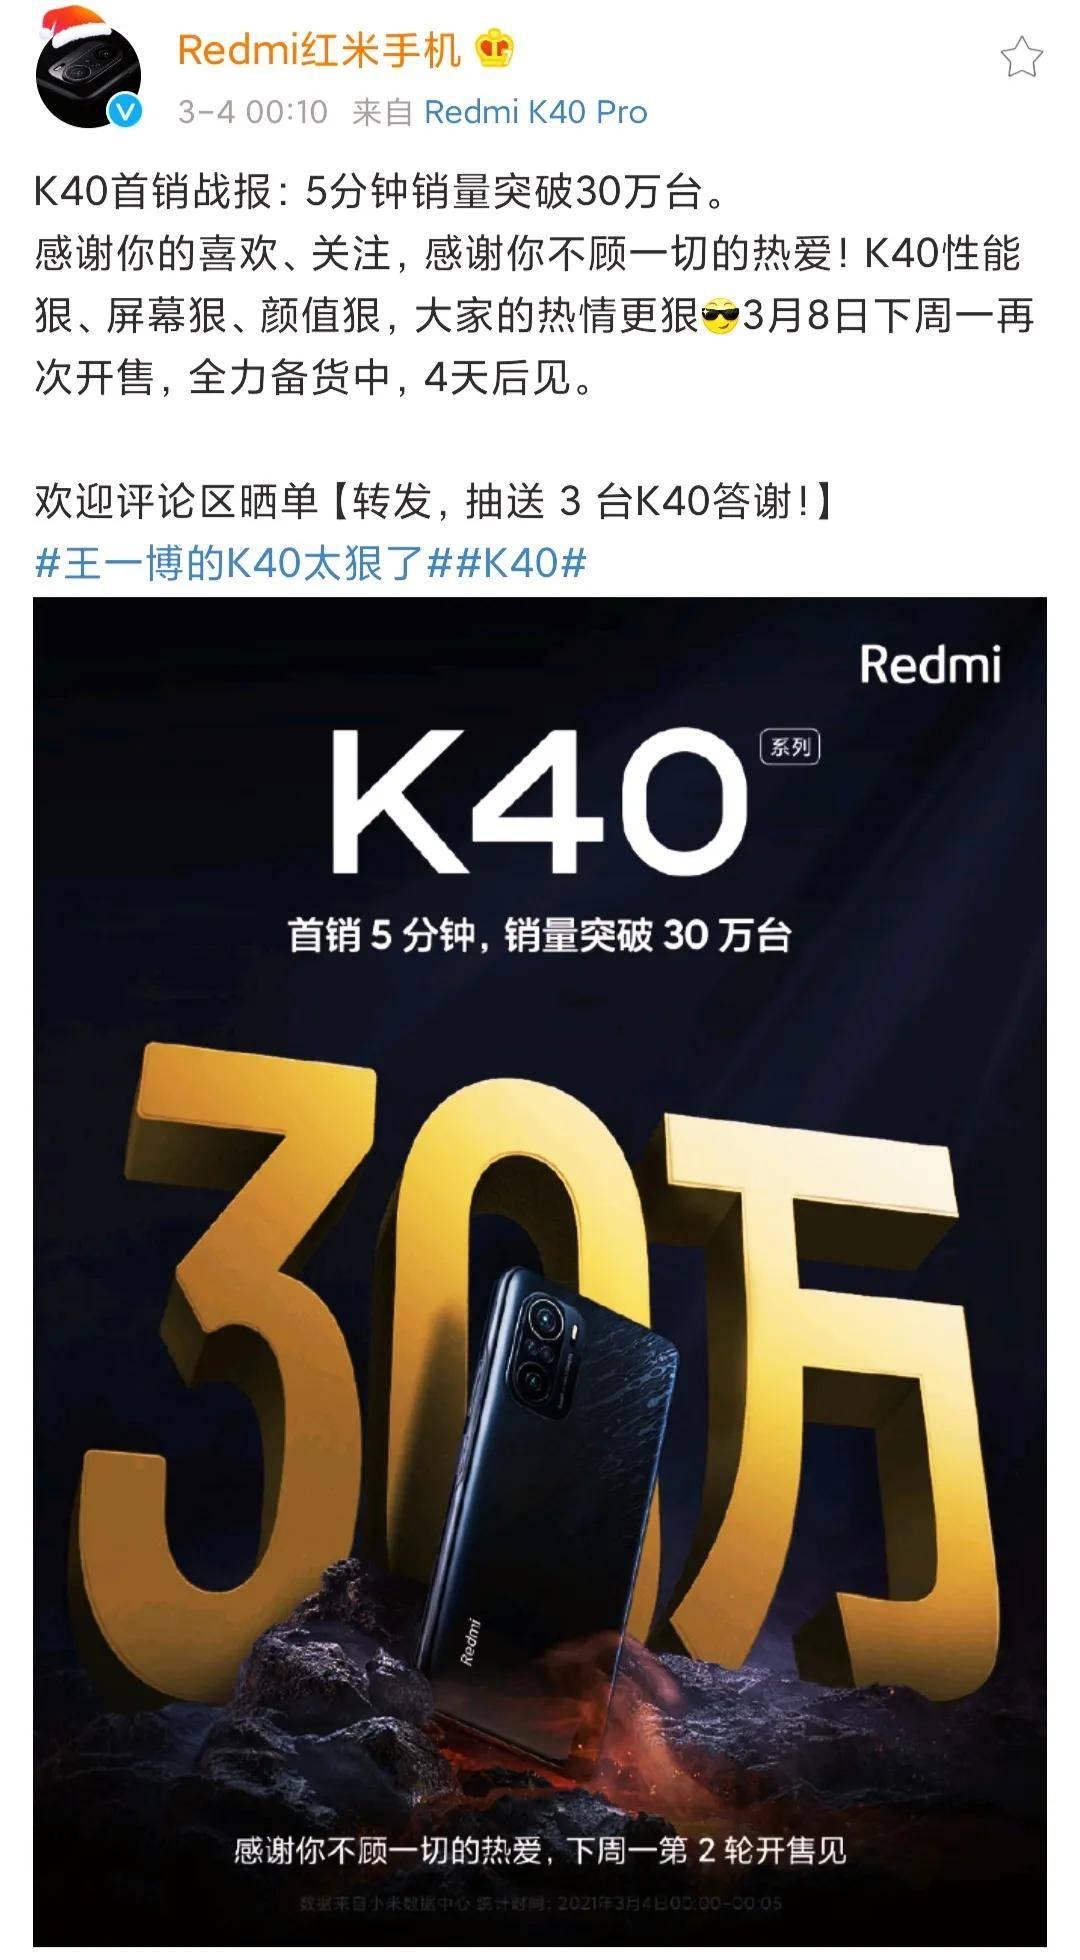 原创             太燃了!RedmiK40首销爆卖30万台,不愧是2021年旗舰焊门员